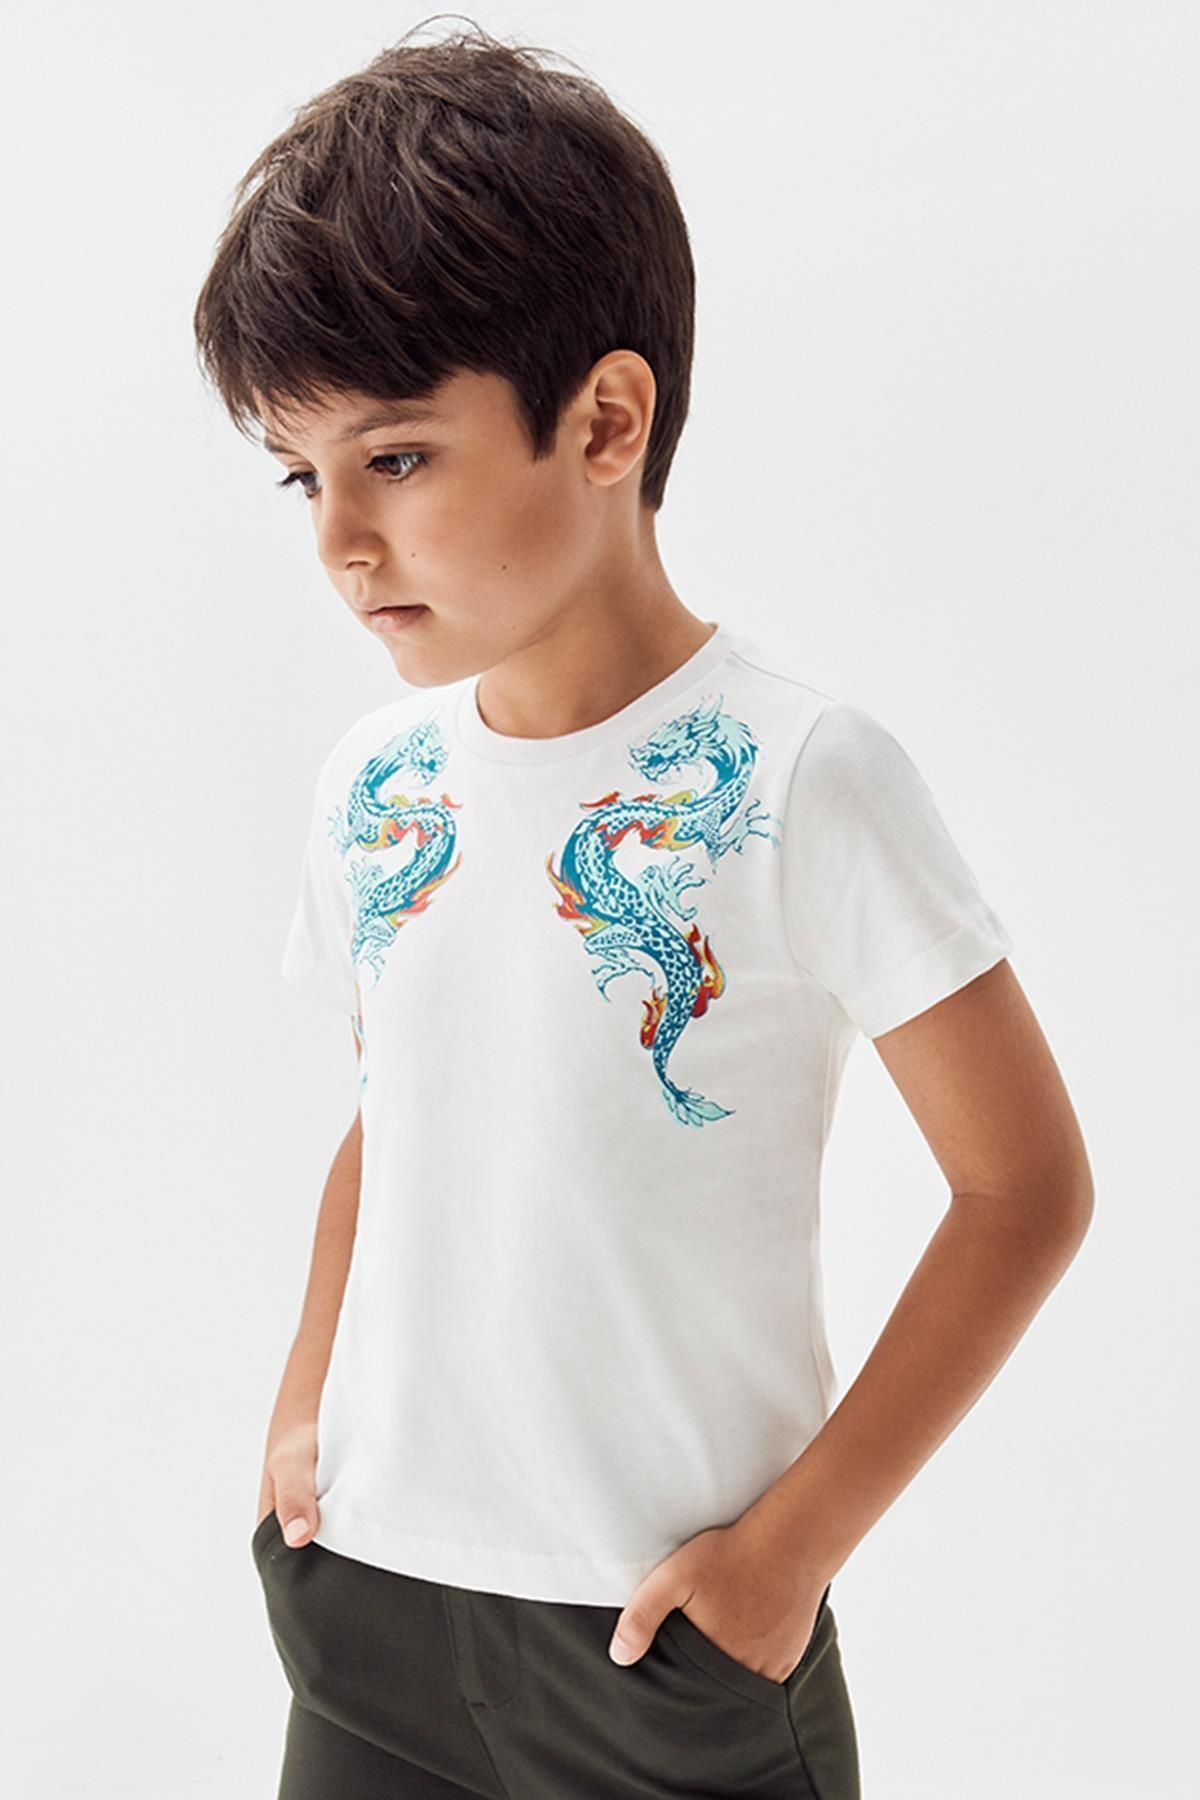 Nebbati Erkek Çocuk Ekru T-shirt 20pfwnb3507 1